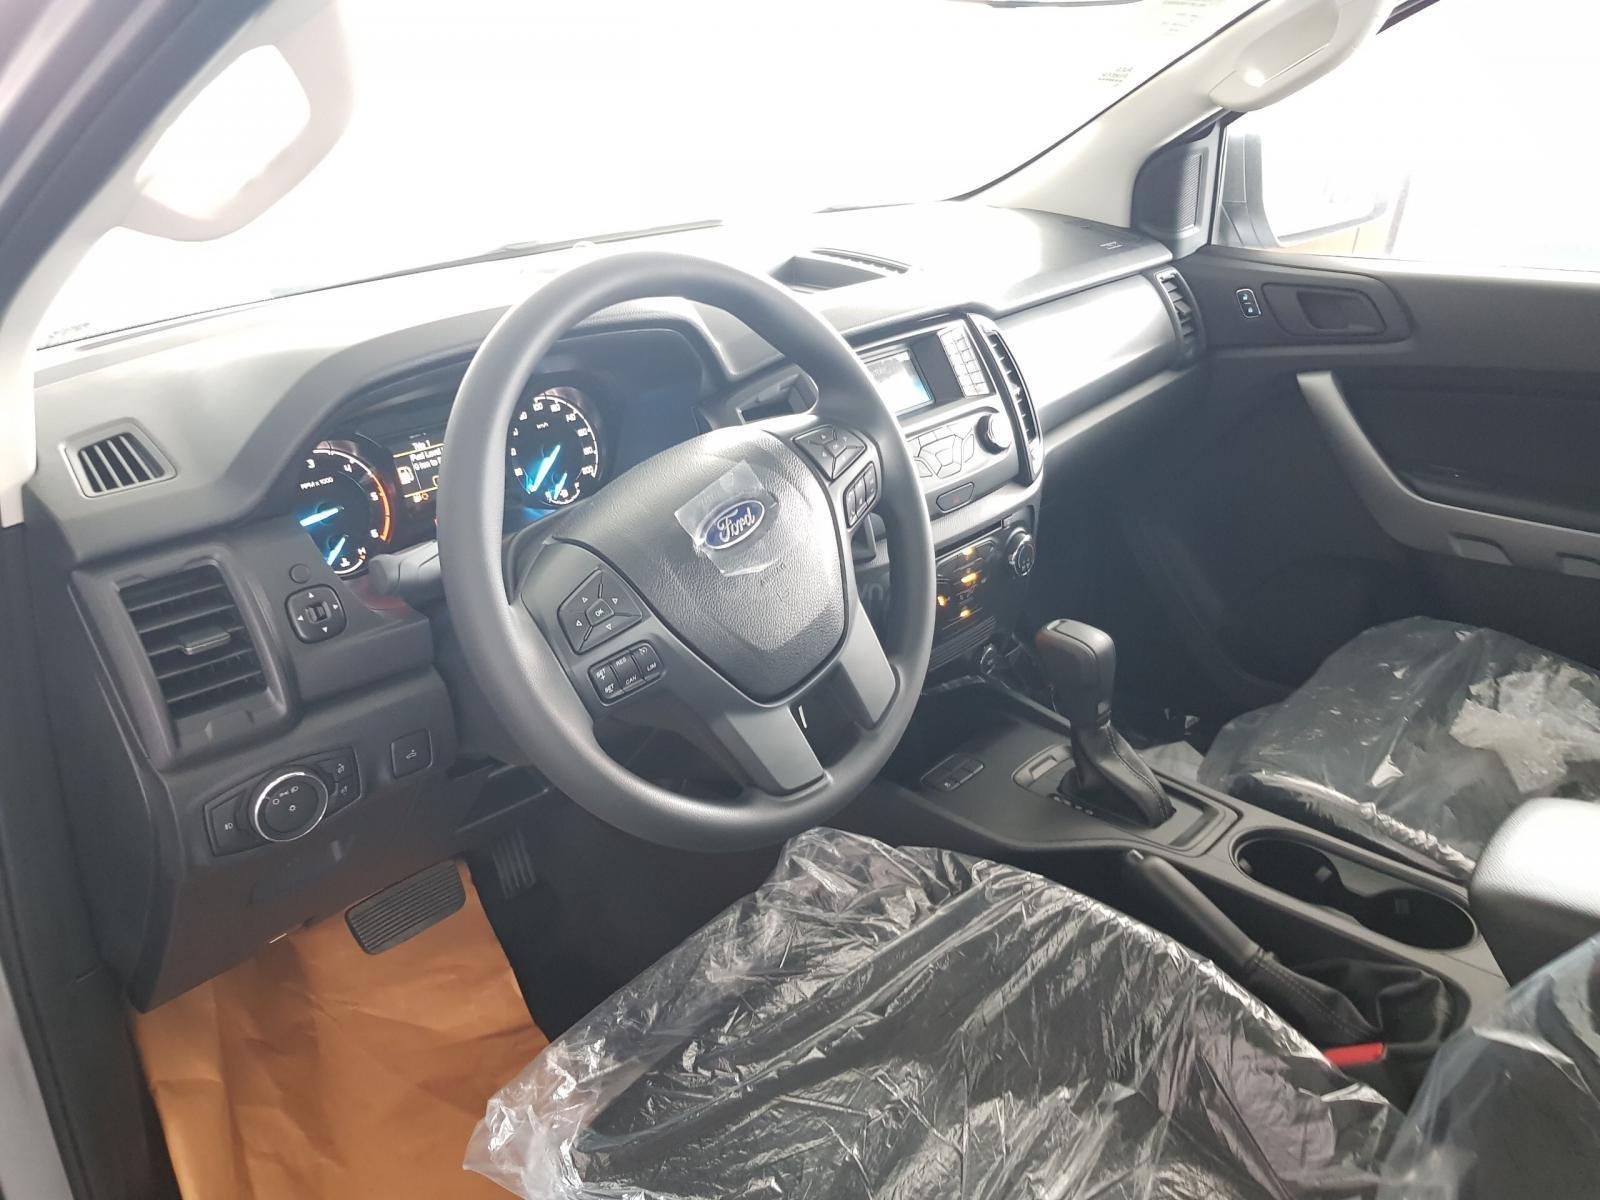 Bán Ford Ranger Ranger XLS AT đời 2019, đủ màu, giao xe tháng 10/2019 nhập khẩu nguyên chiếc, giá tốt (5)